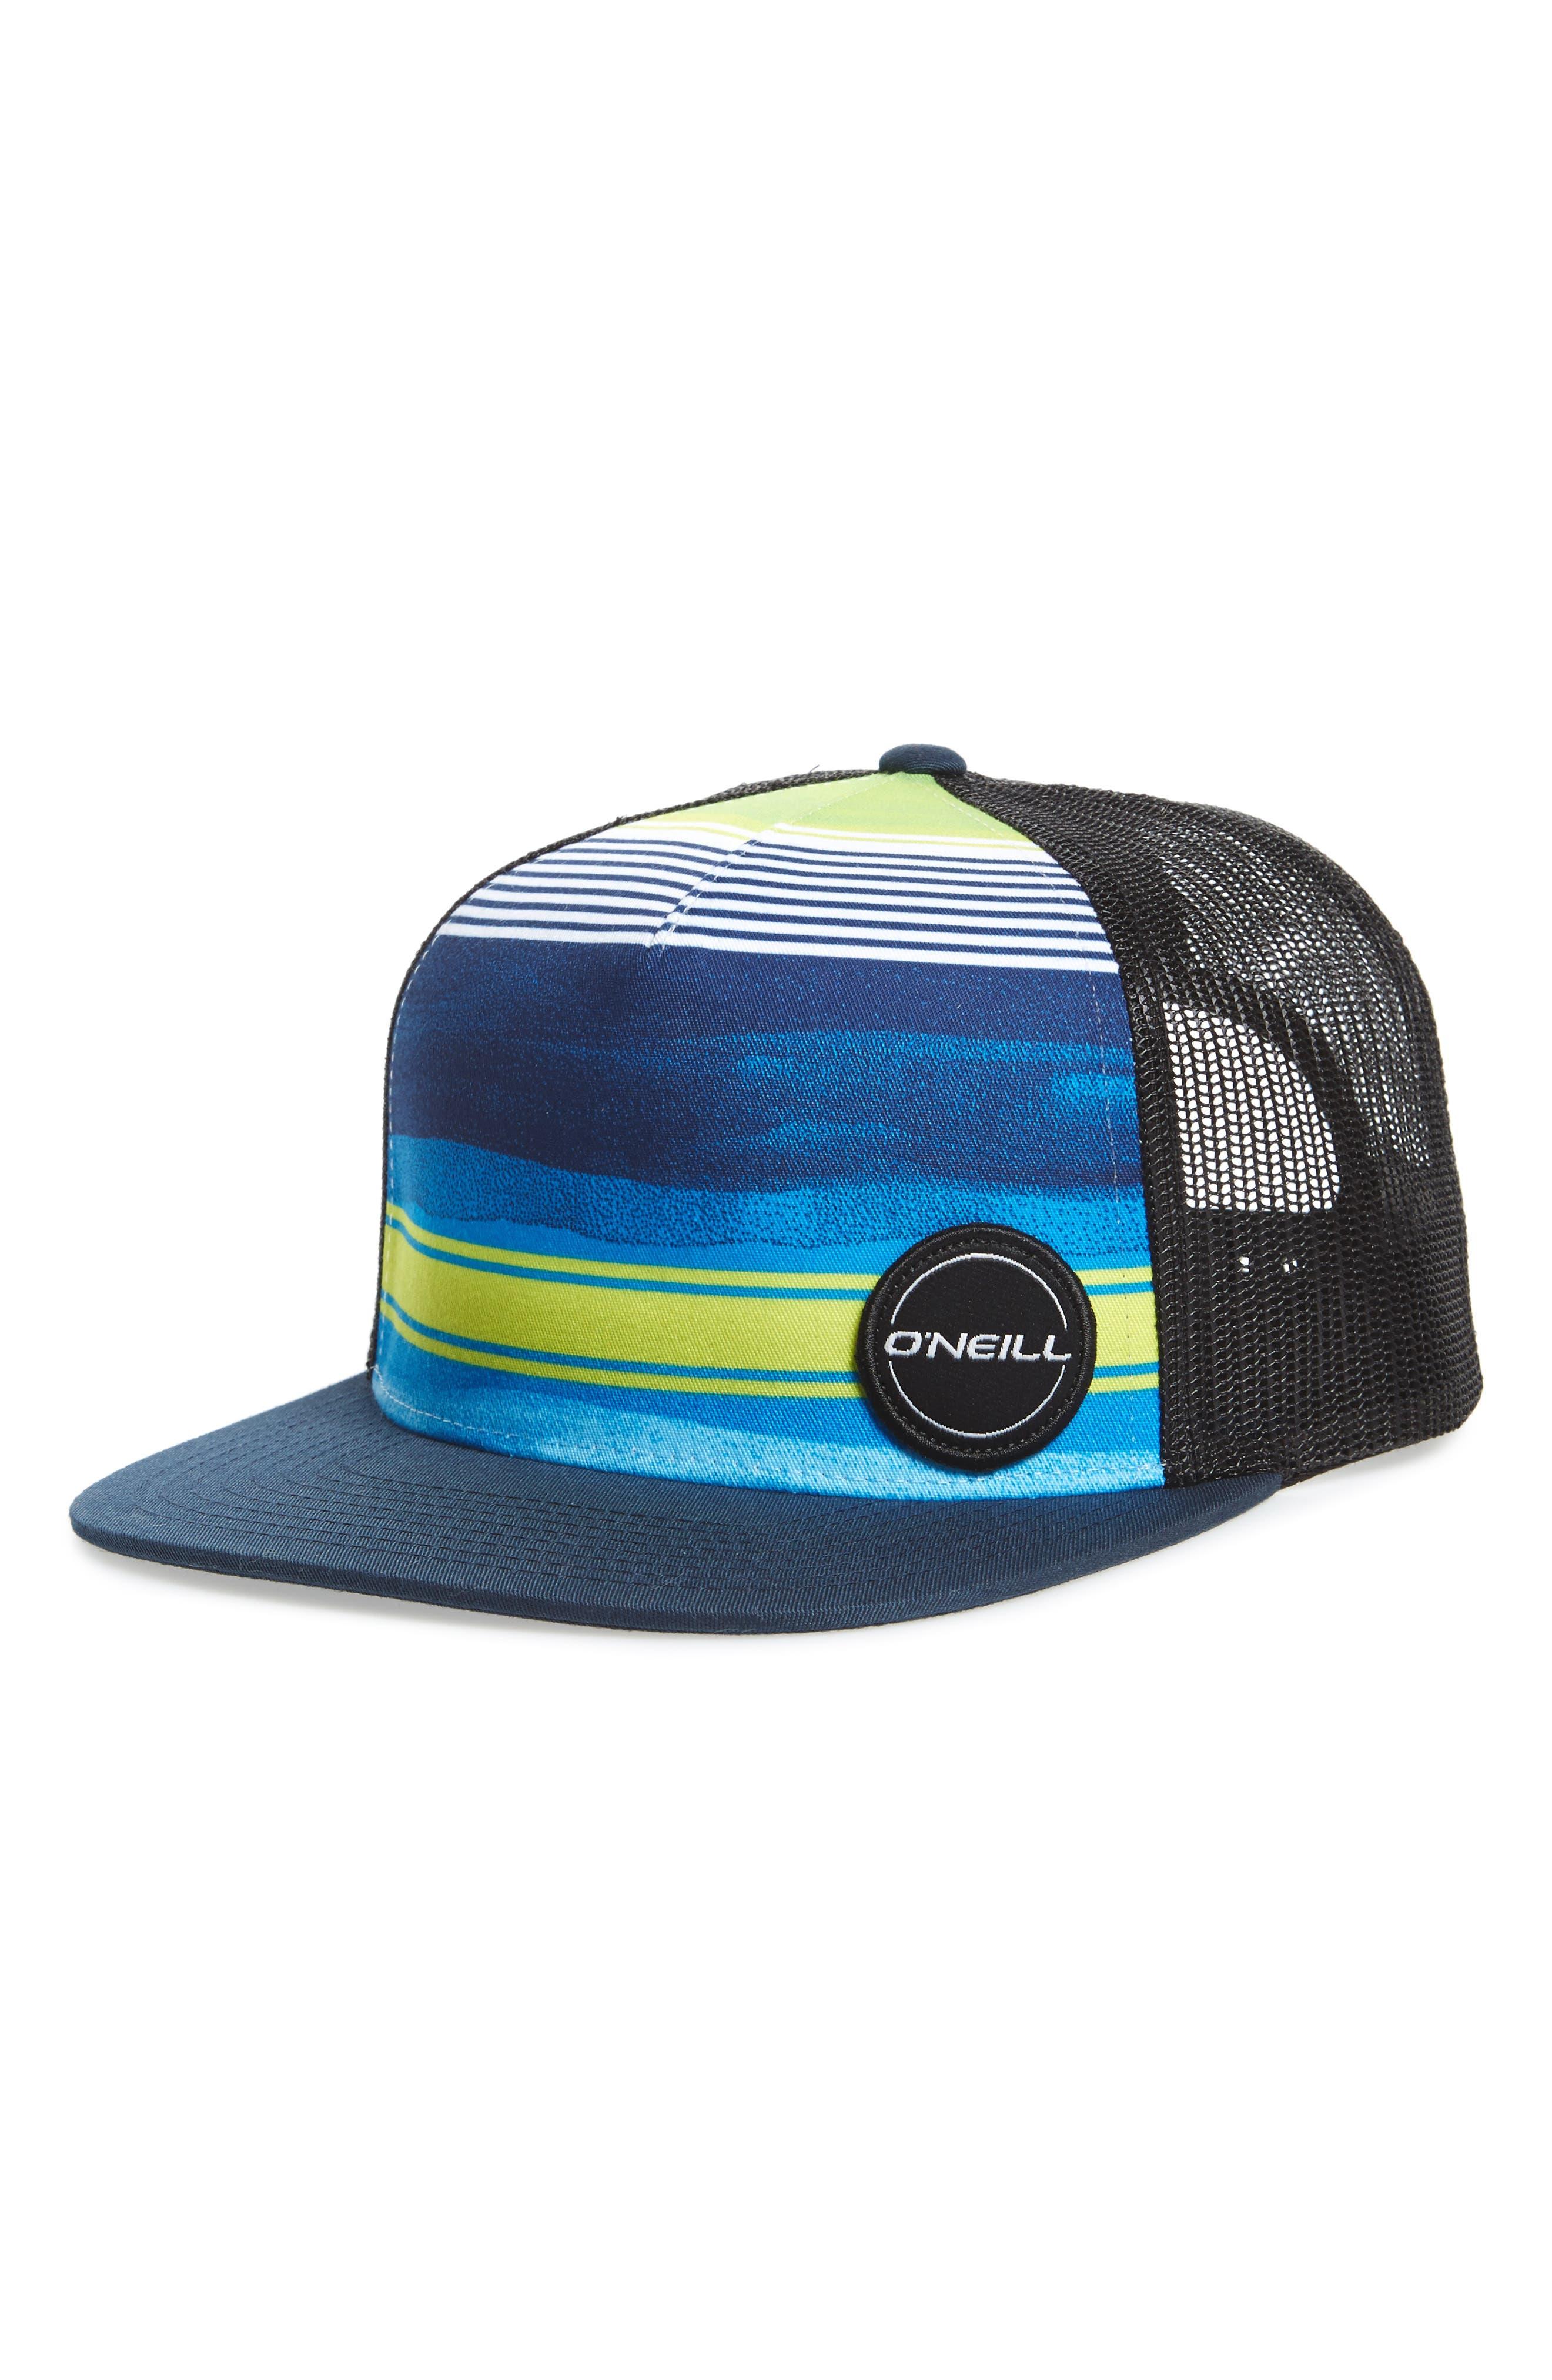 Hyperfreak Mesh Snapback Trucker Cap,                         Main,                         color,